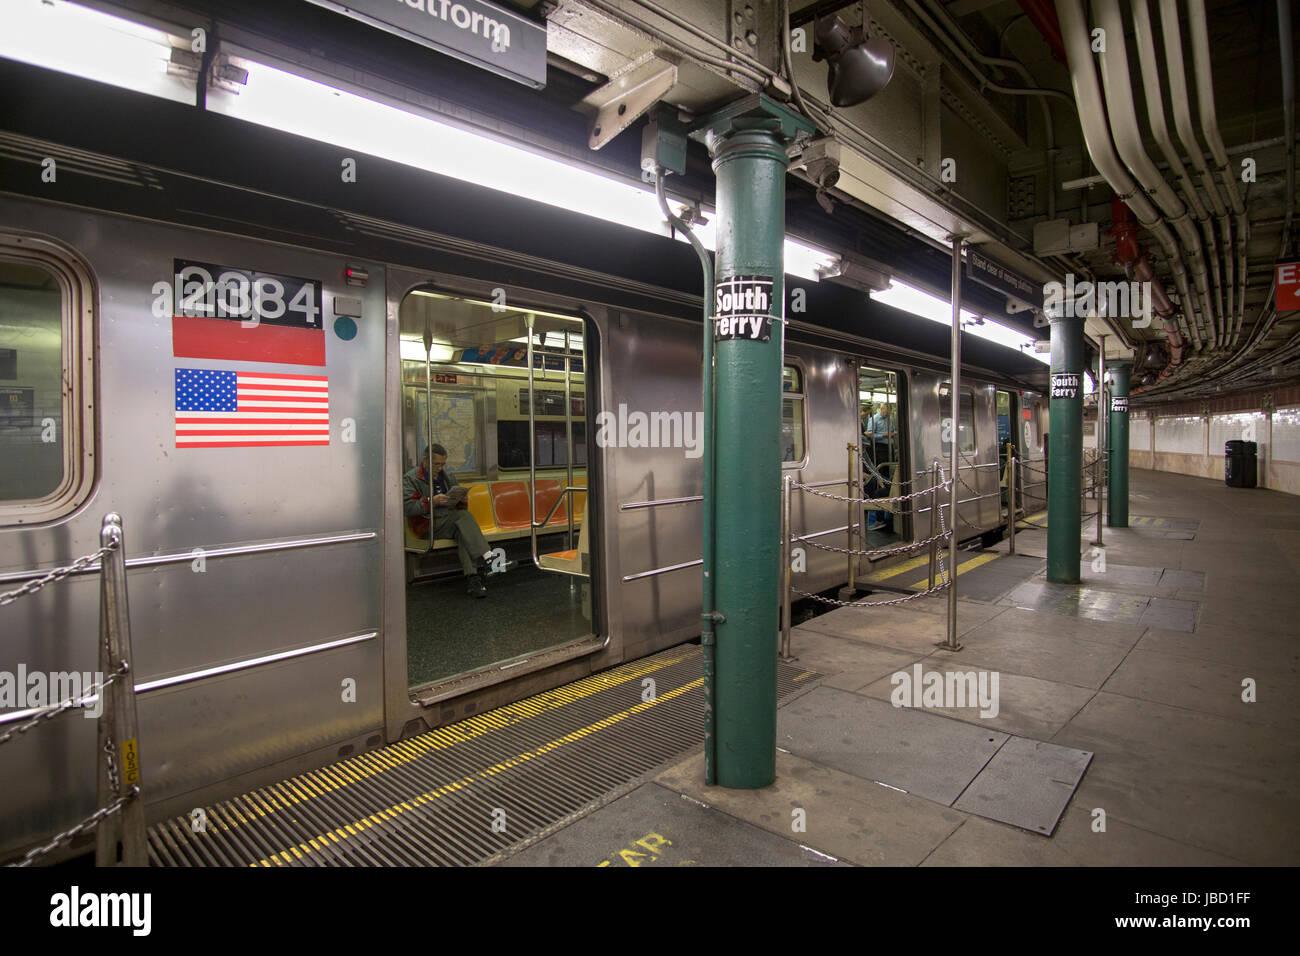 Un metro al sur de la estación de ferry, la última parada en el IRT tren número 1. En Battery Park, Imagen De Stock